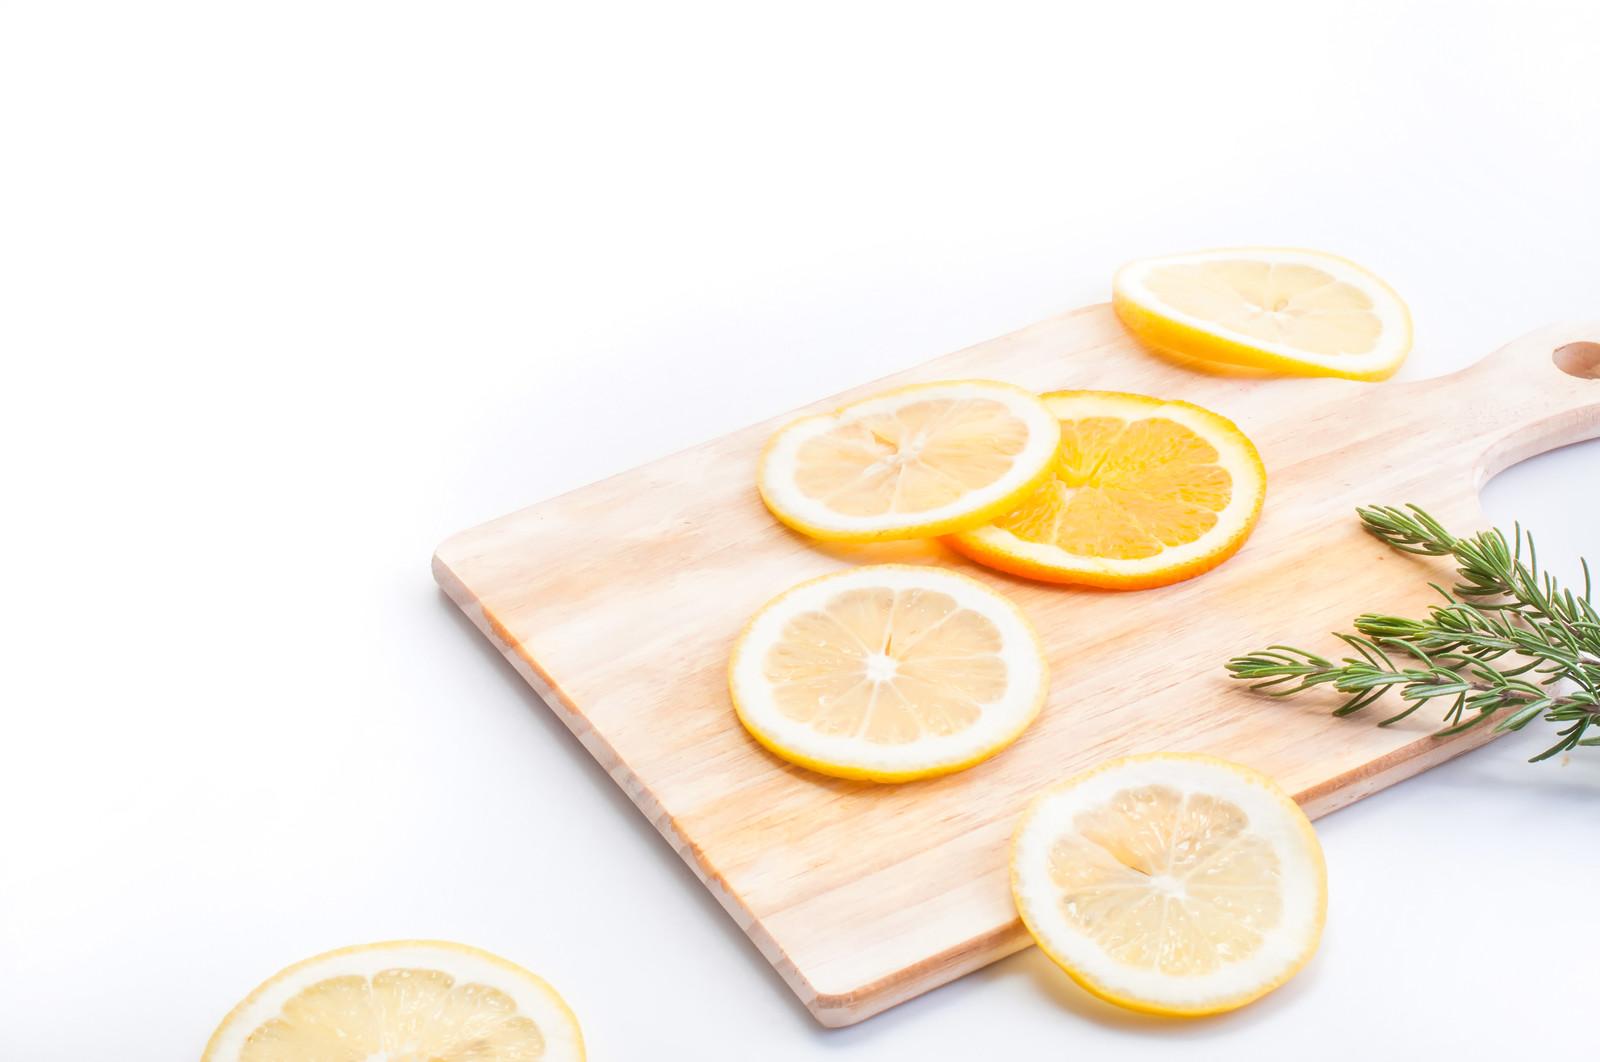 熱中症対策にオススメの食べ物と栄養素まとめ